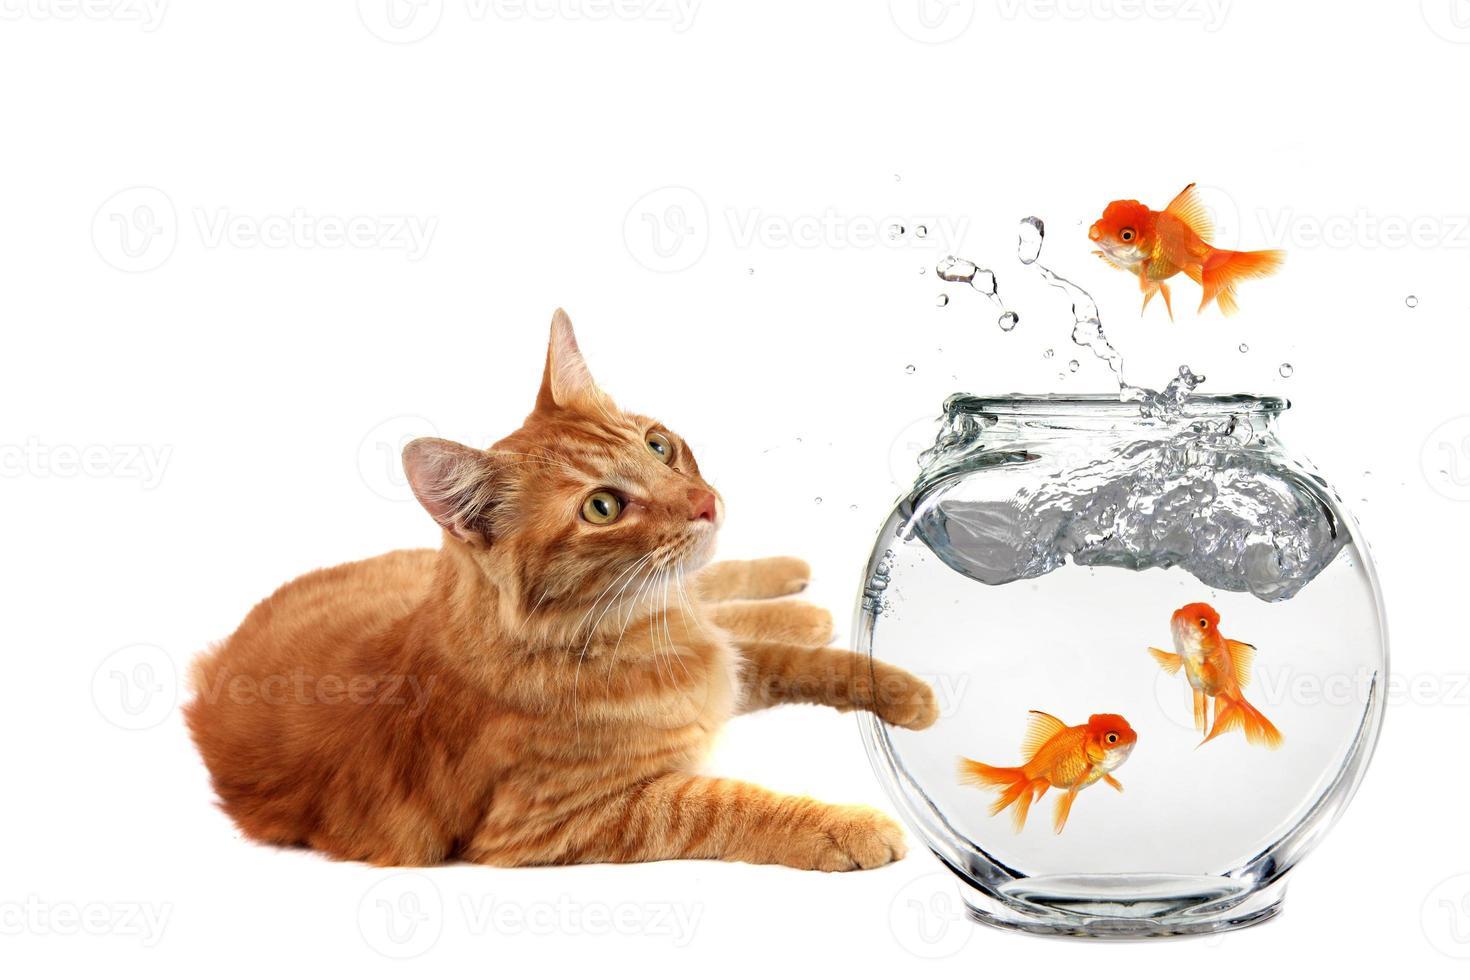 gato relajándose y viendo un pez dorado escapar de su pecera foto